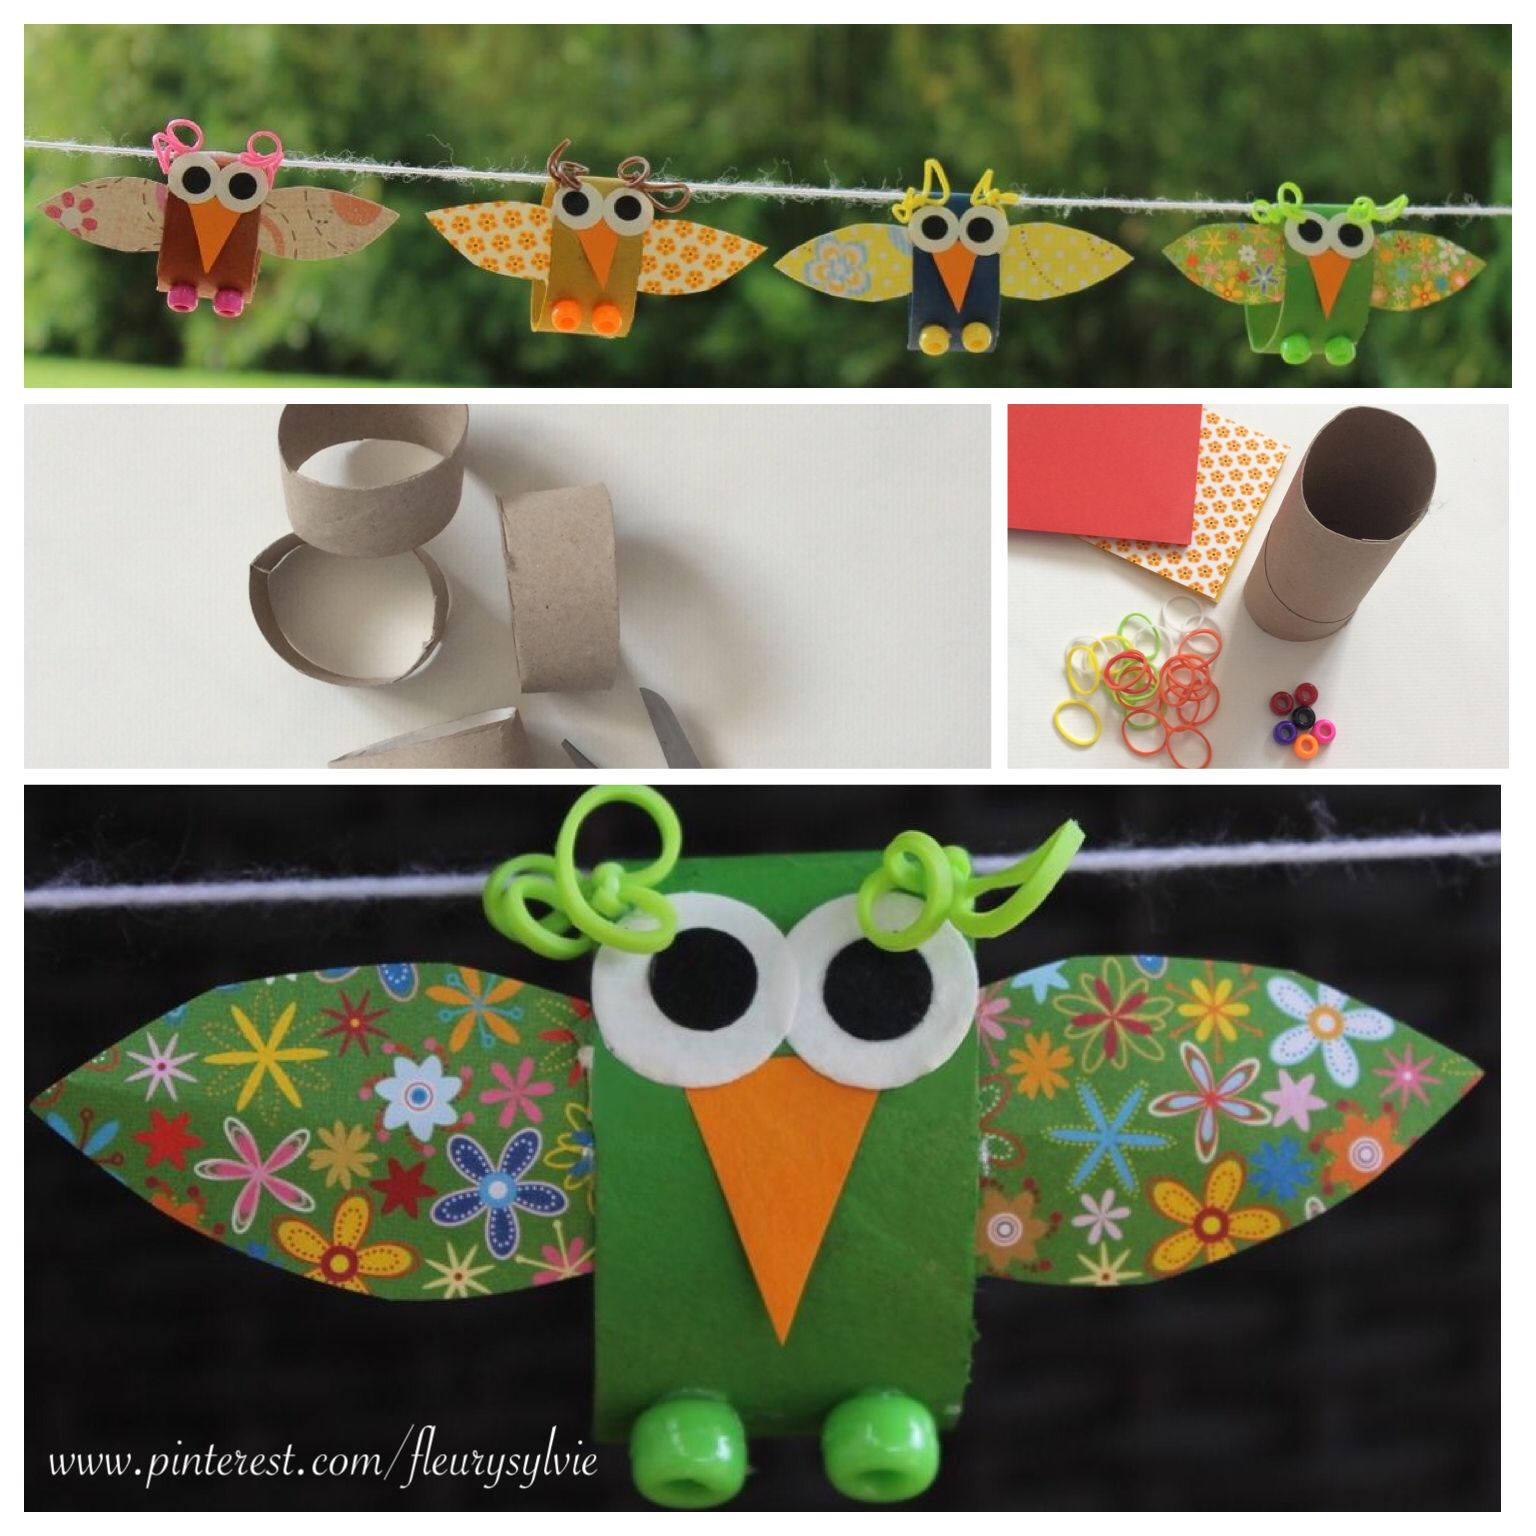 bricolage enfant petits oiseaux avec rouleaux papier wc et rainbow loom. Black Bedroom Furniture Sets. Home Design Ideas